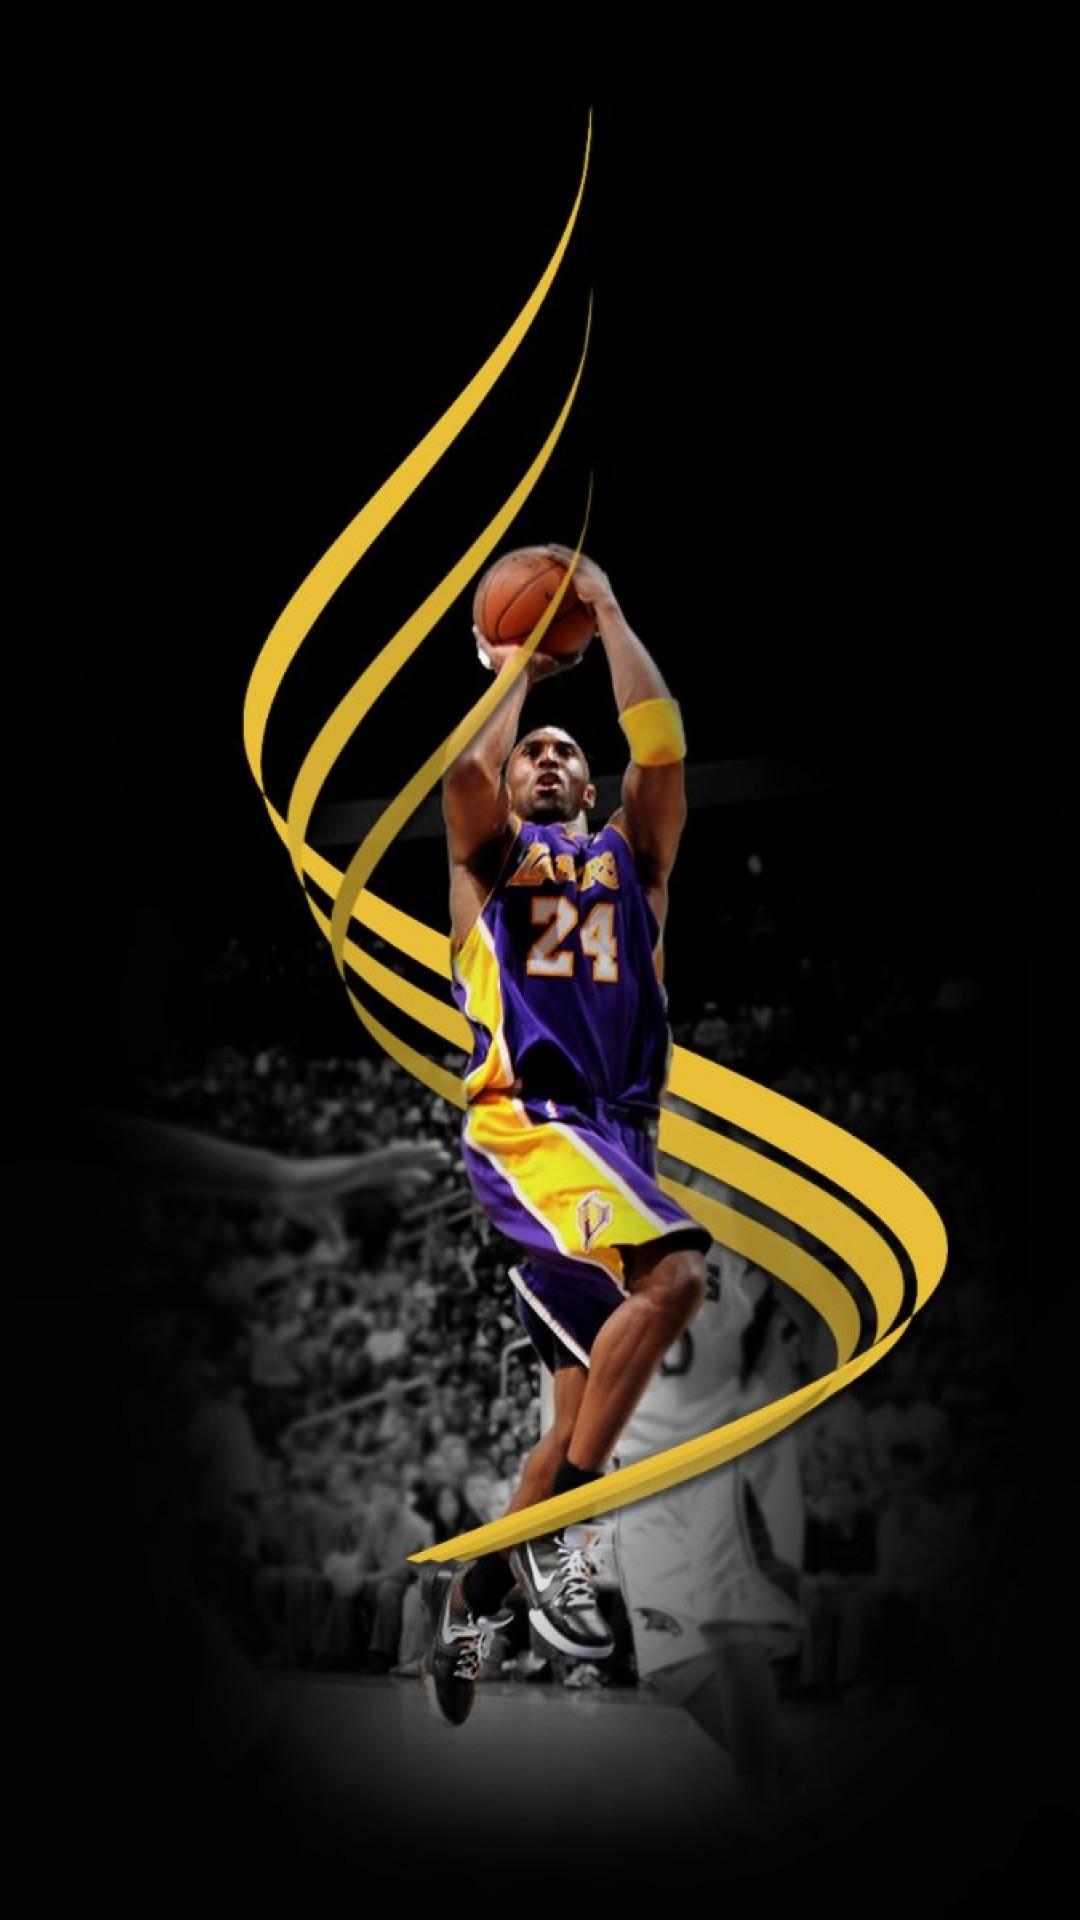 Kobe Bryant Lakers Wallpapers Hd Iphone 6 Plus Kobe Bryant Iphone 11 Case 1080x1920 Download Hd Wallpaper Wallpapertip